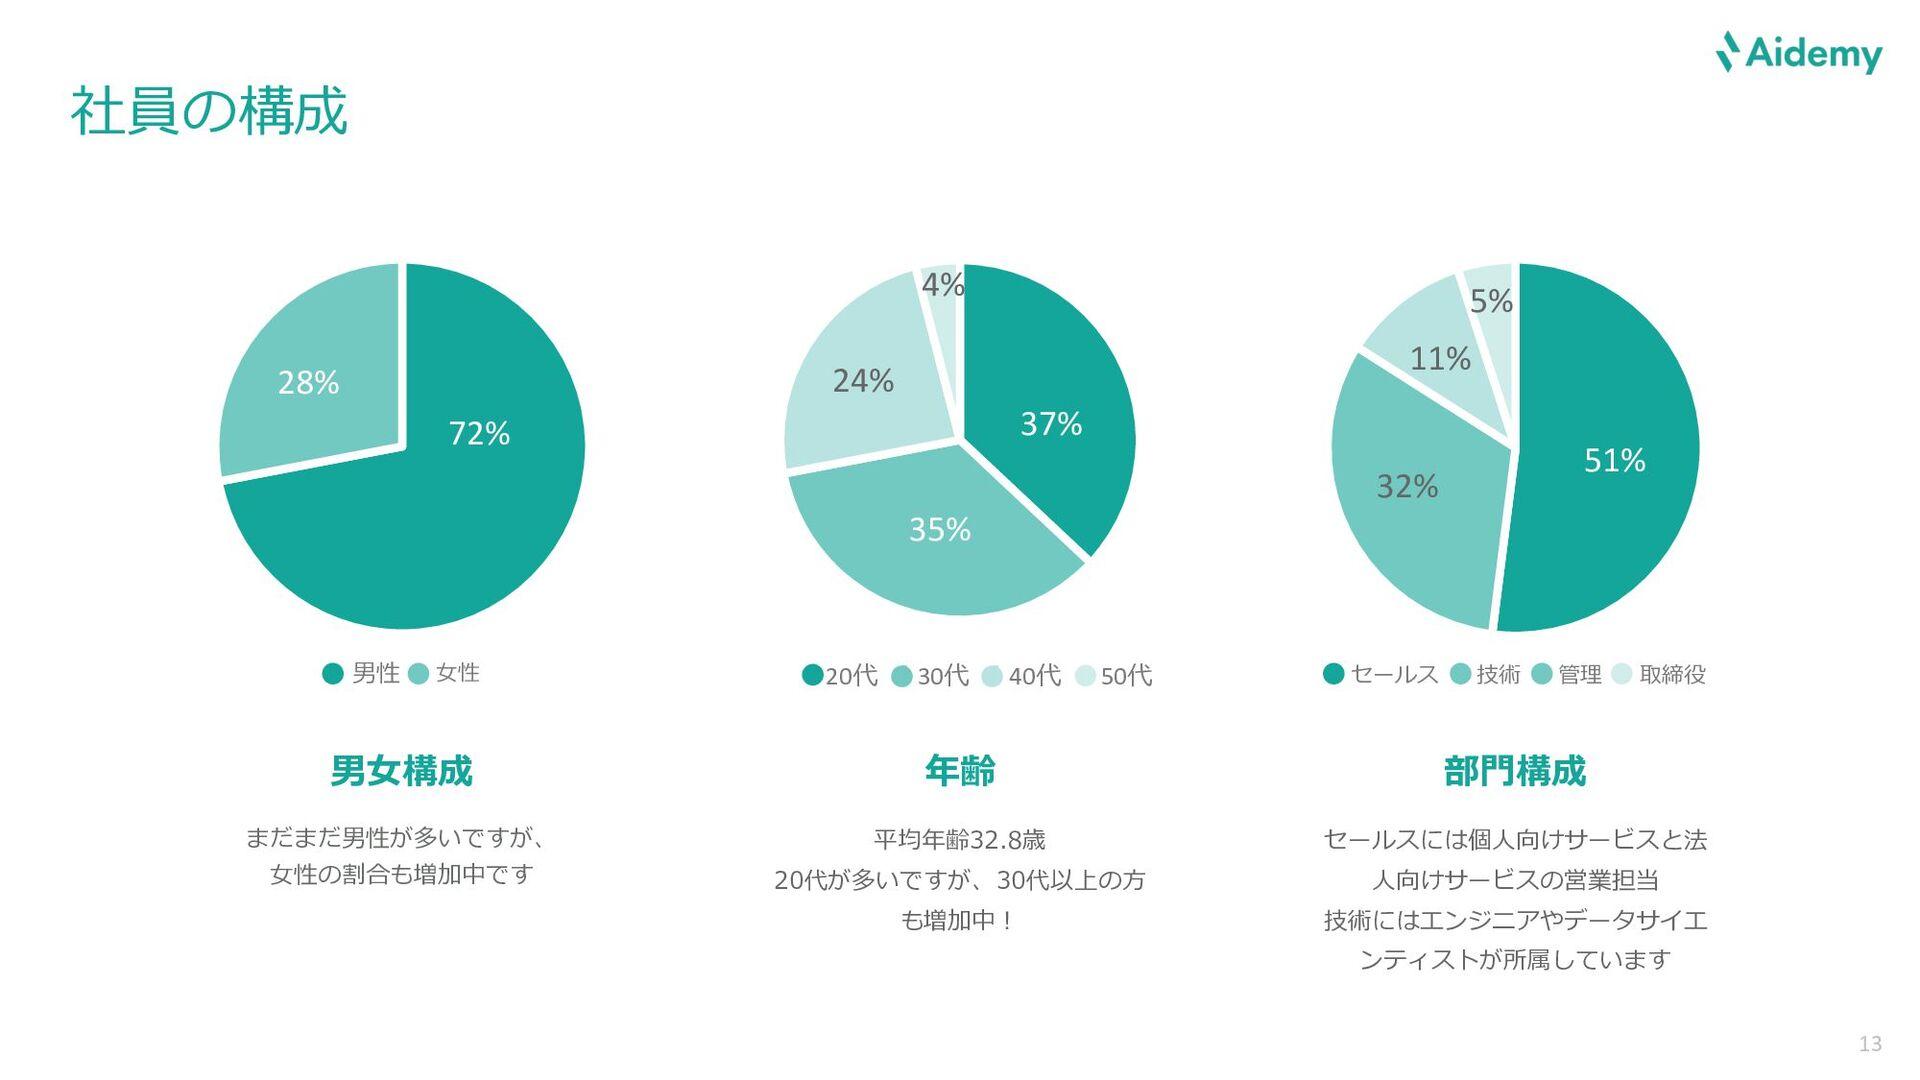 経営陣 13 東京⼤学⼯学部卒。研究・実務でデータ解析に従事した経験 を活かし、Aidemyの...